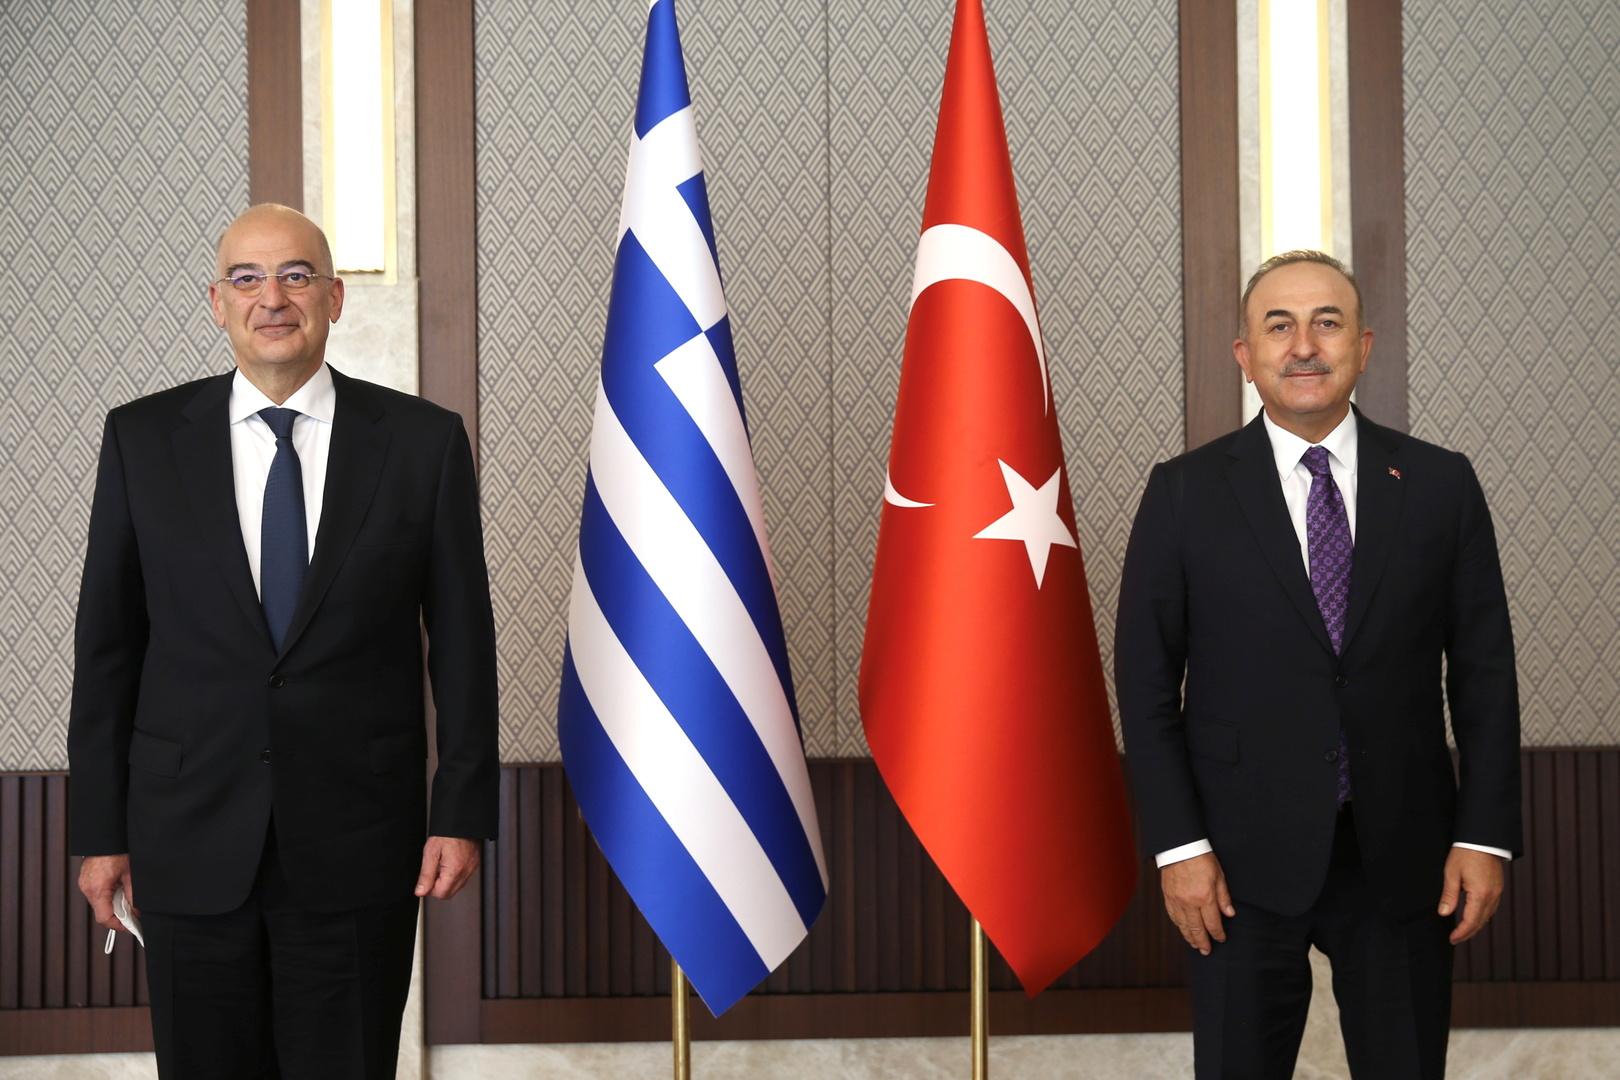 تركيا: المشاكل مع اليونان يمكن حلها عبر الحوار ونريد تحسين العلاقات دون شروط مسبقة